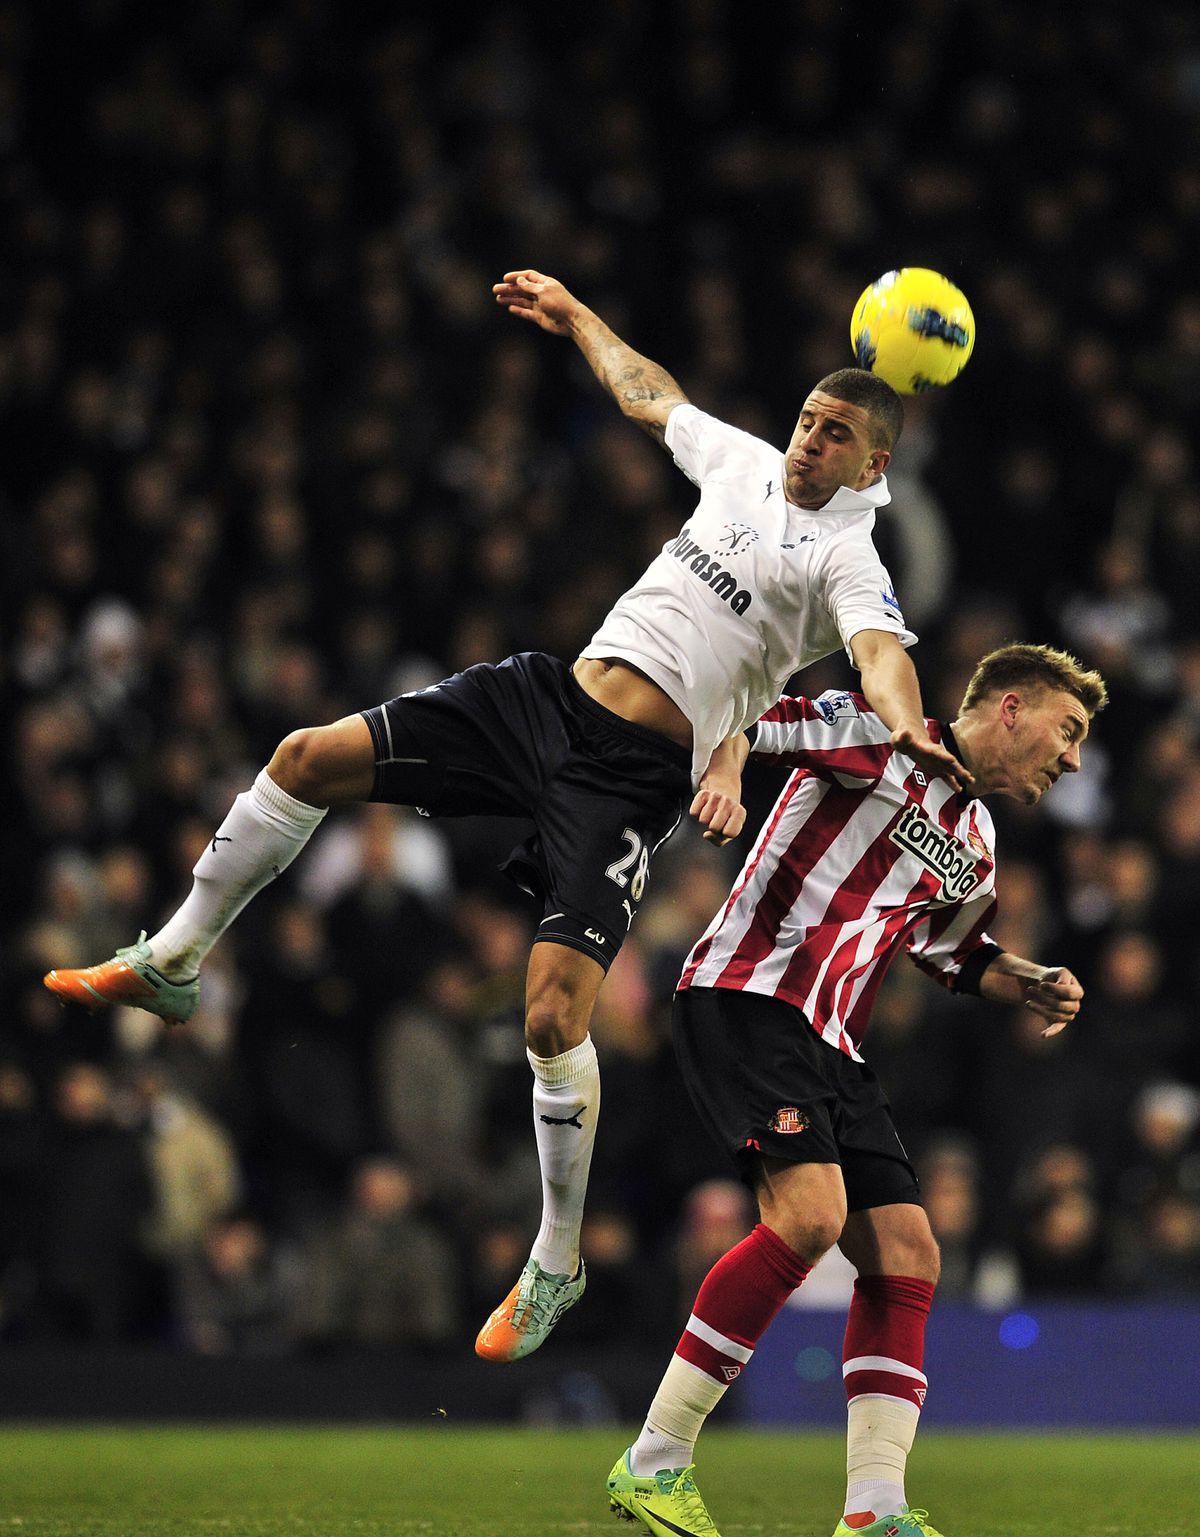 Tottenham Hotspur's English defender Kyl